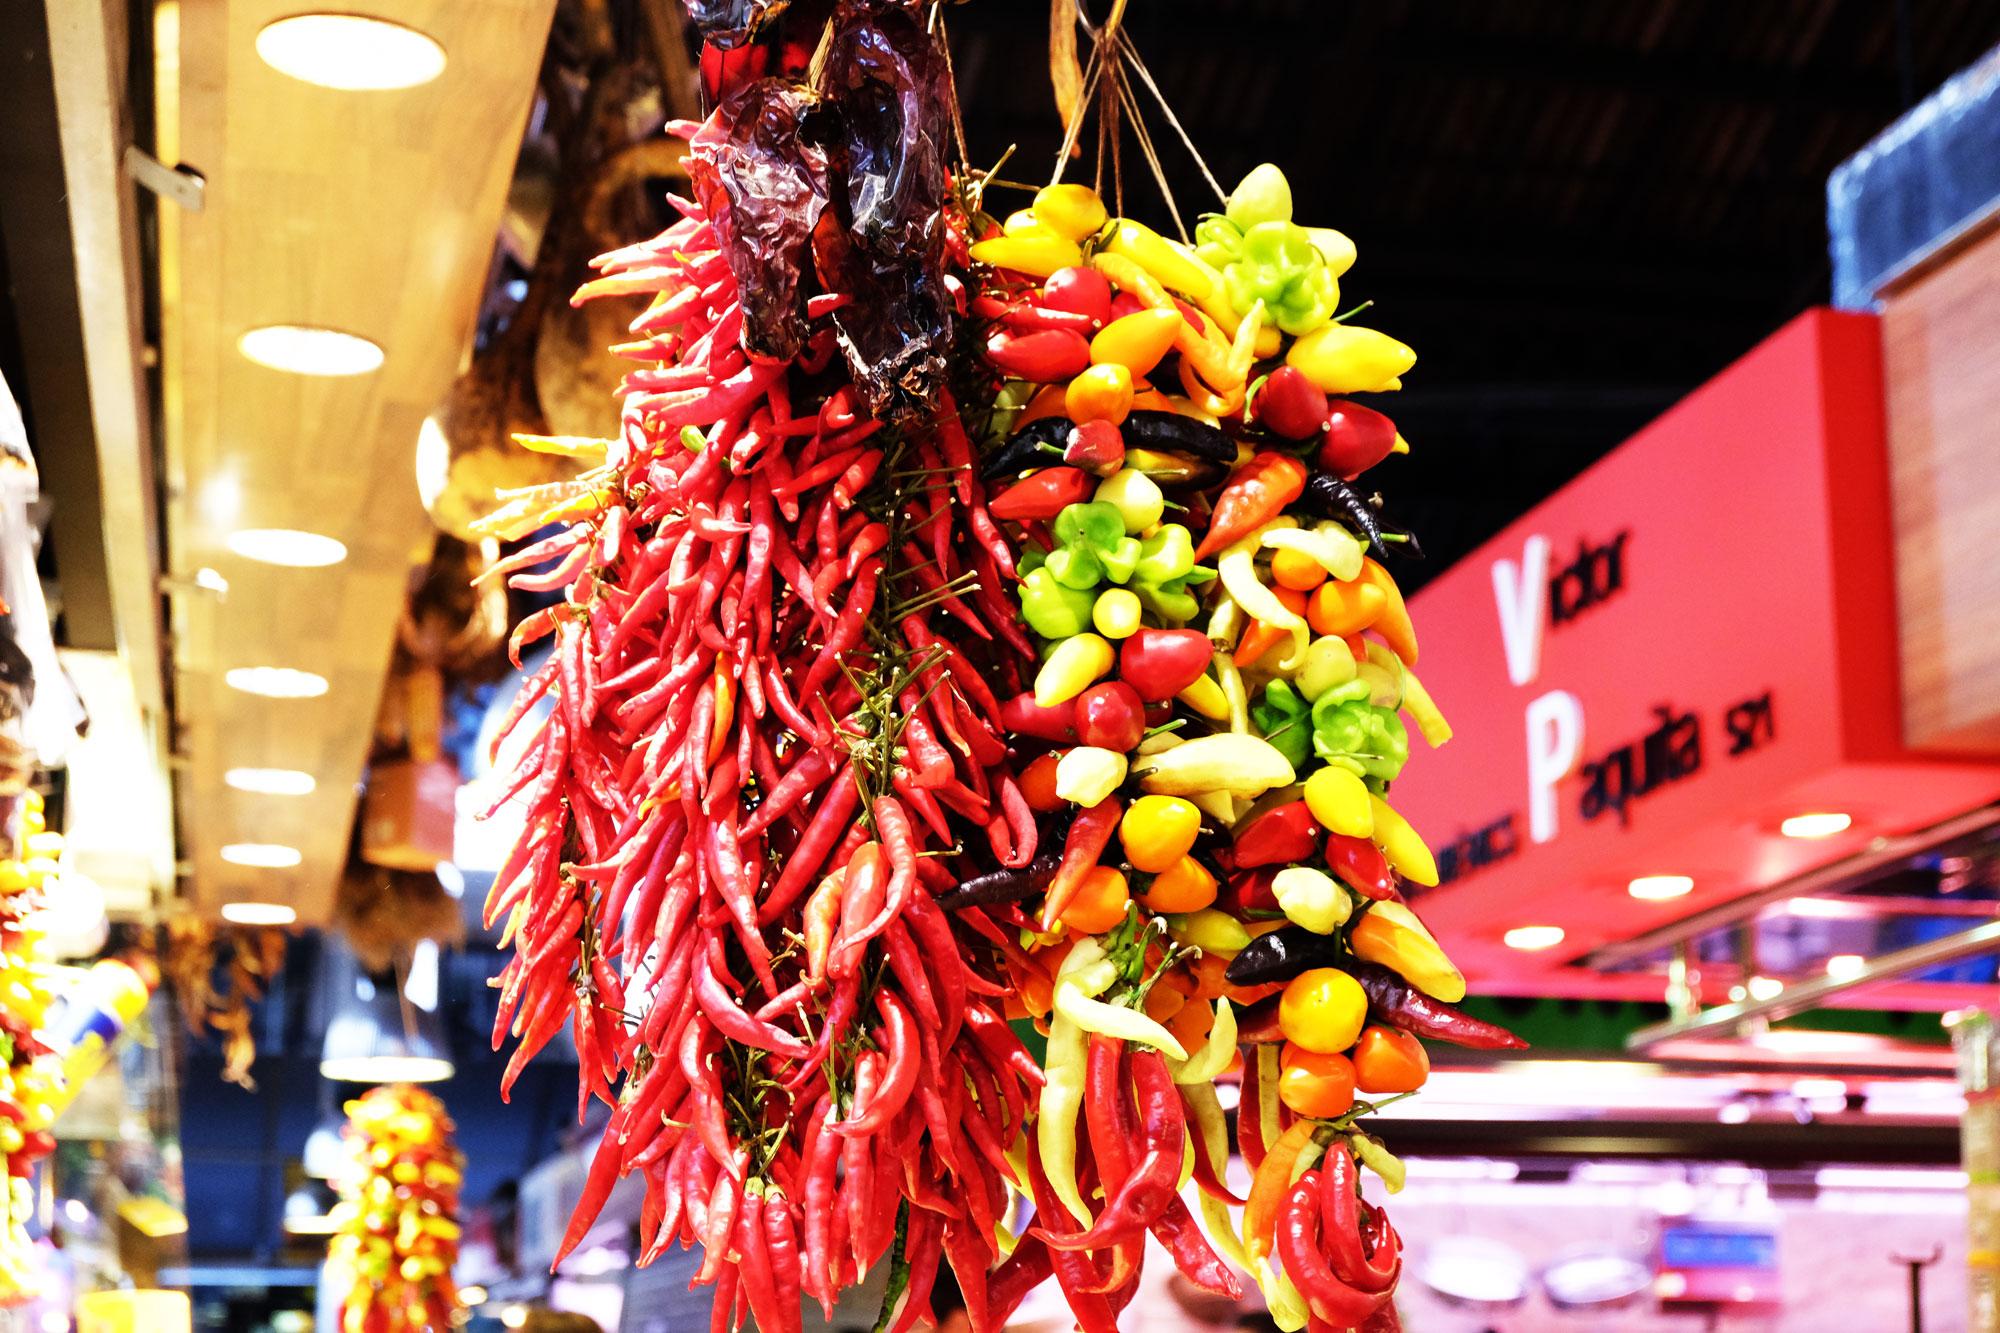 mercato-bouqueria-frutta